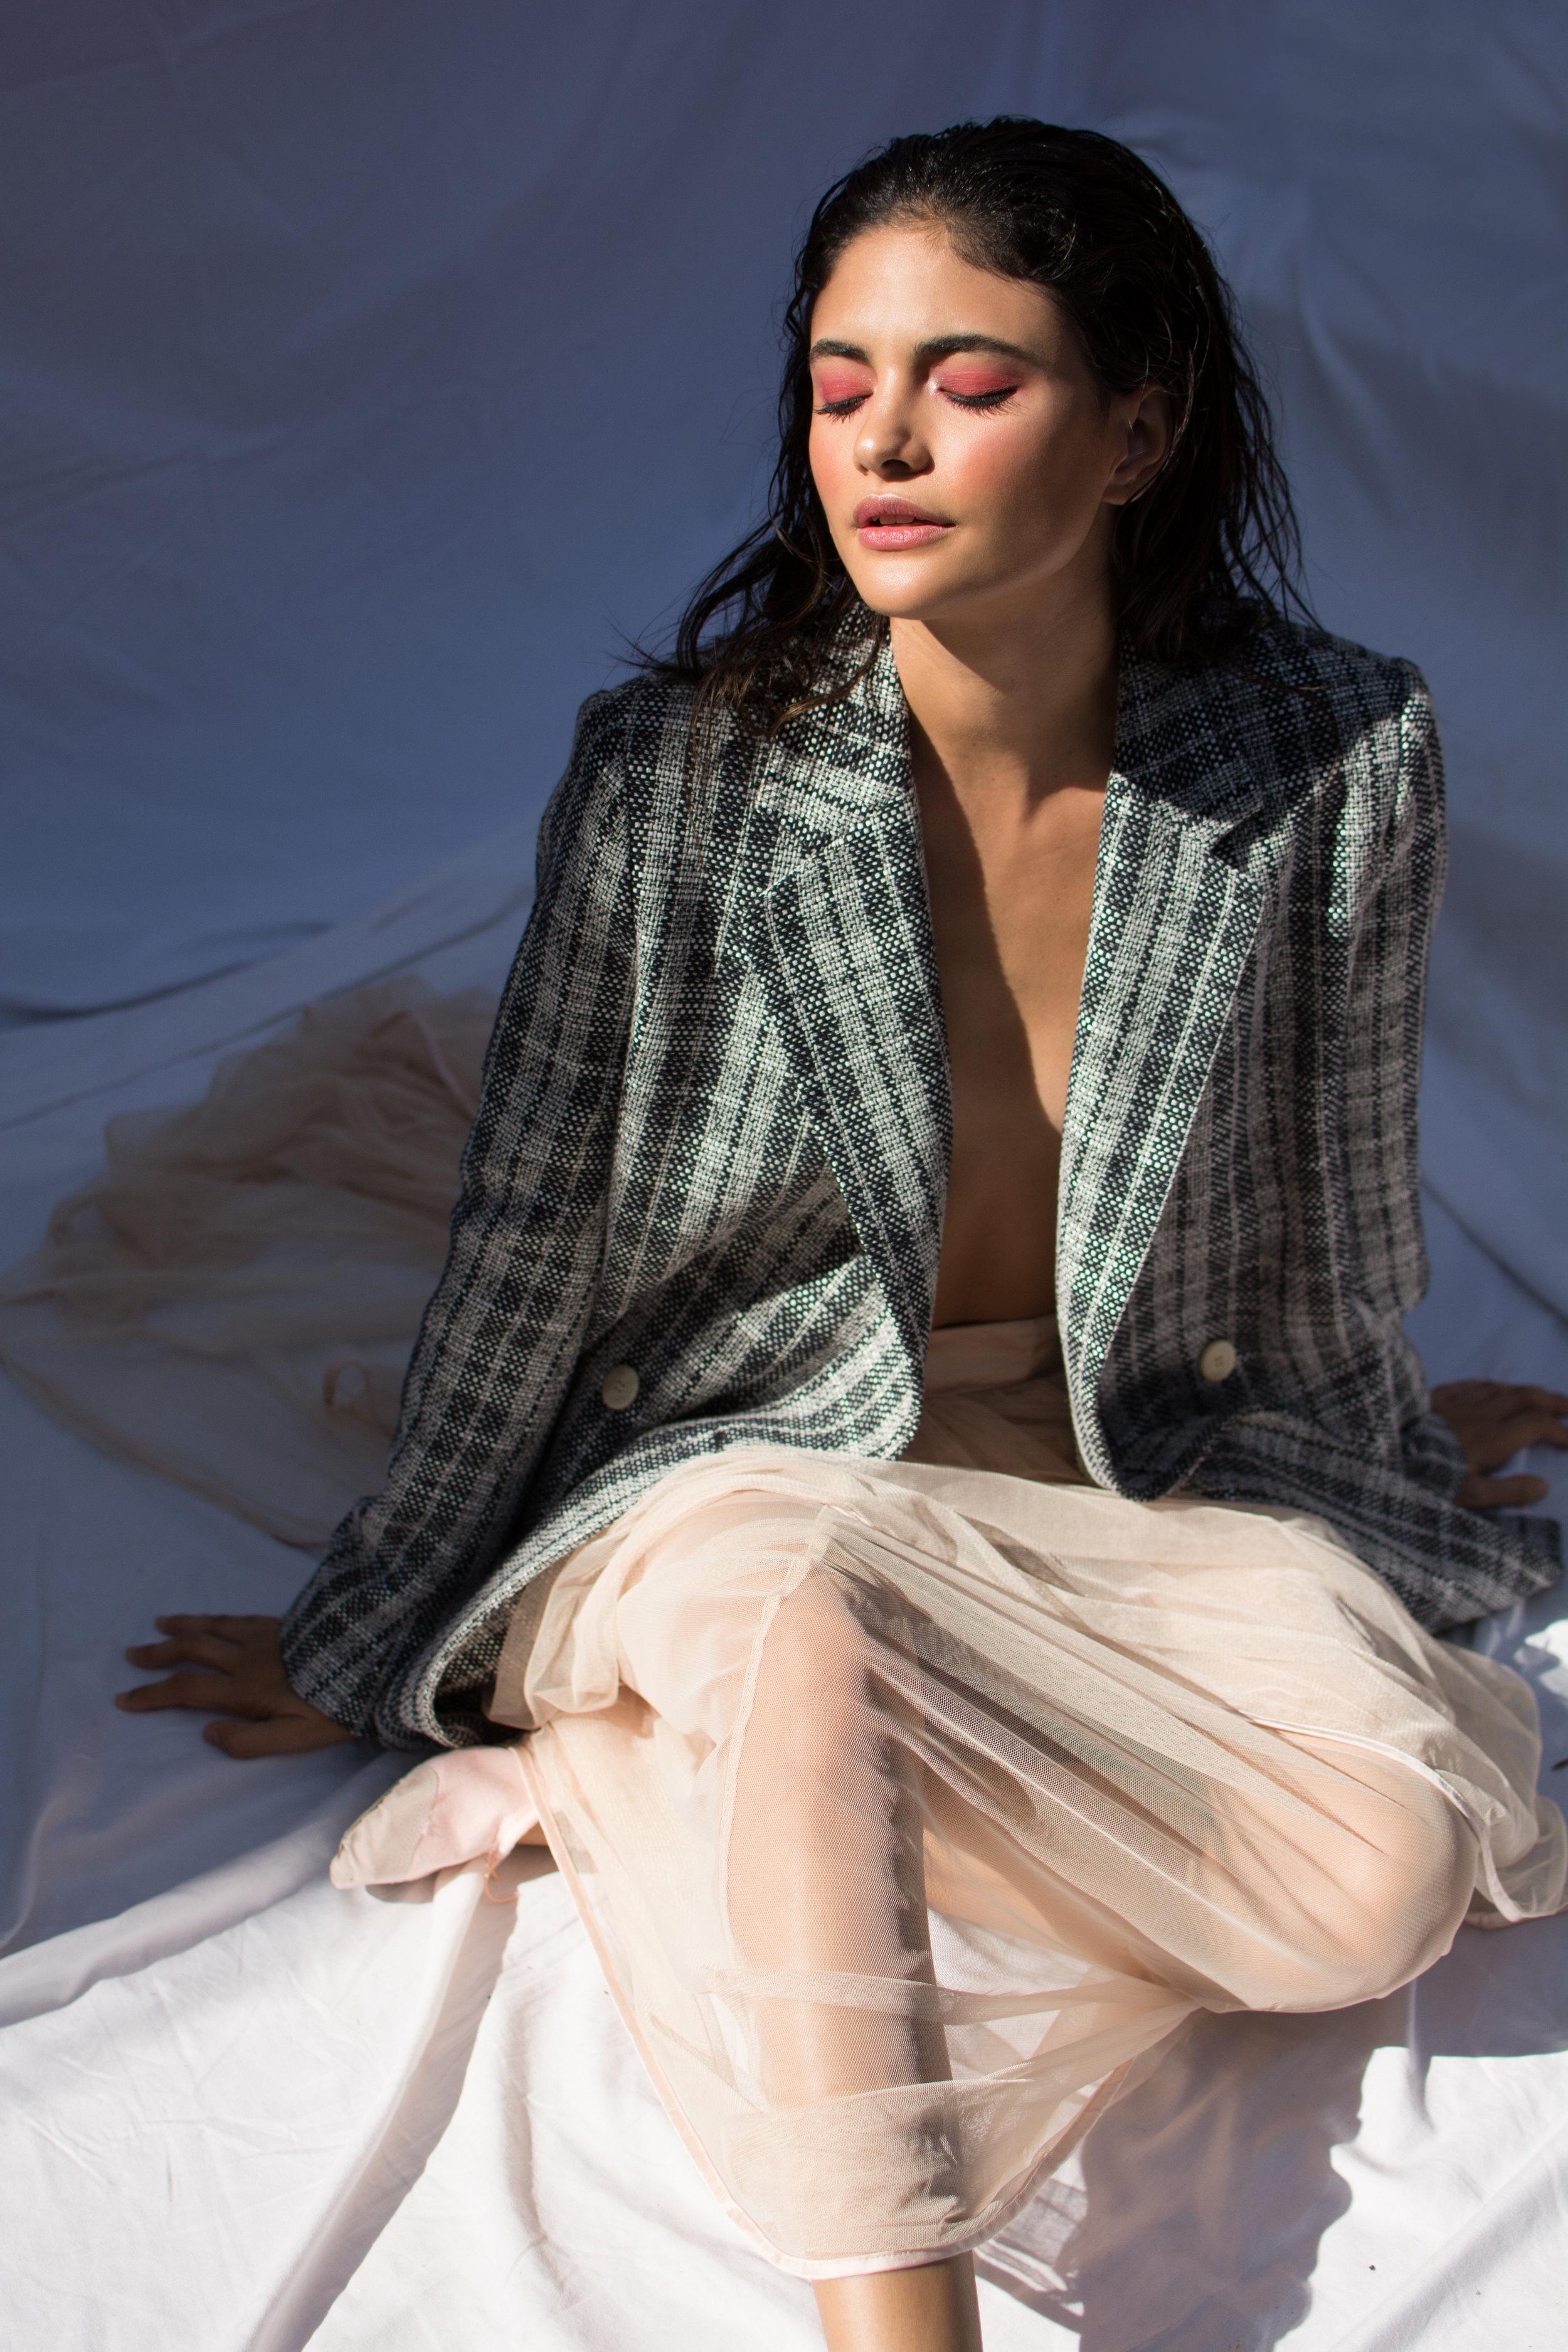 photographer  sandy leshner  | model  xenia ortiz  | hair & mua  susan zeytuntsyan